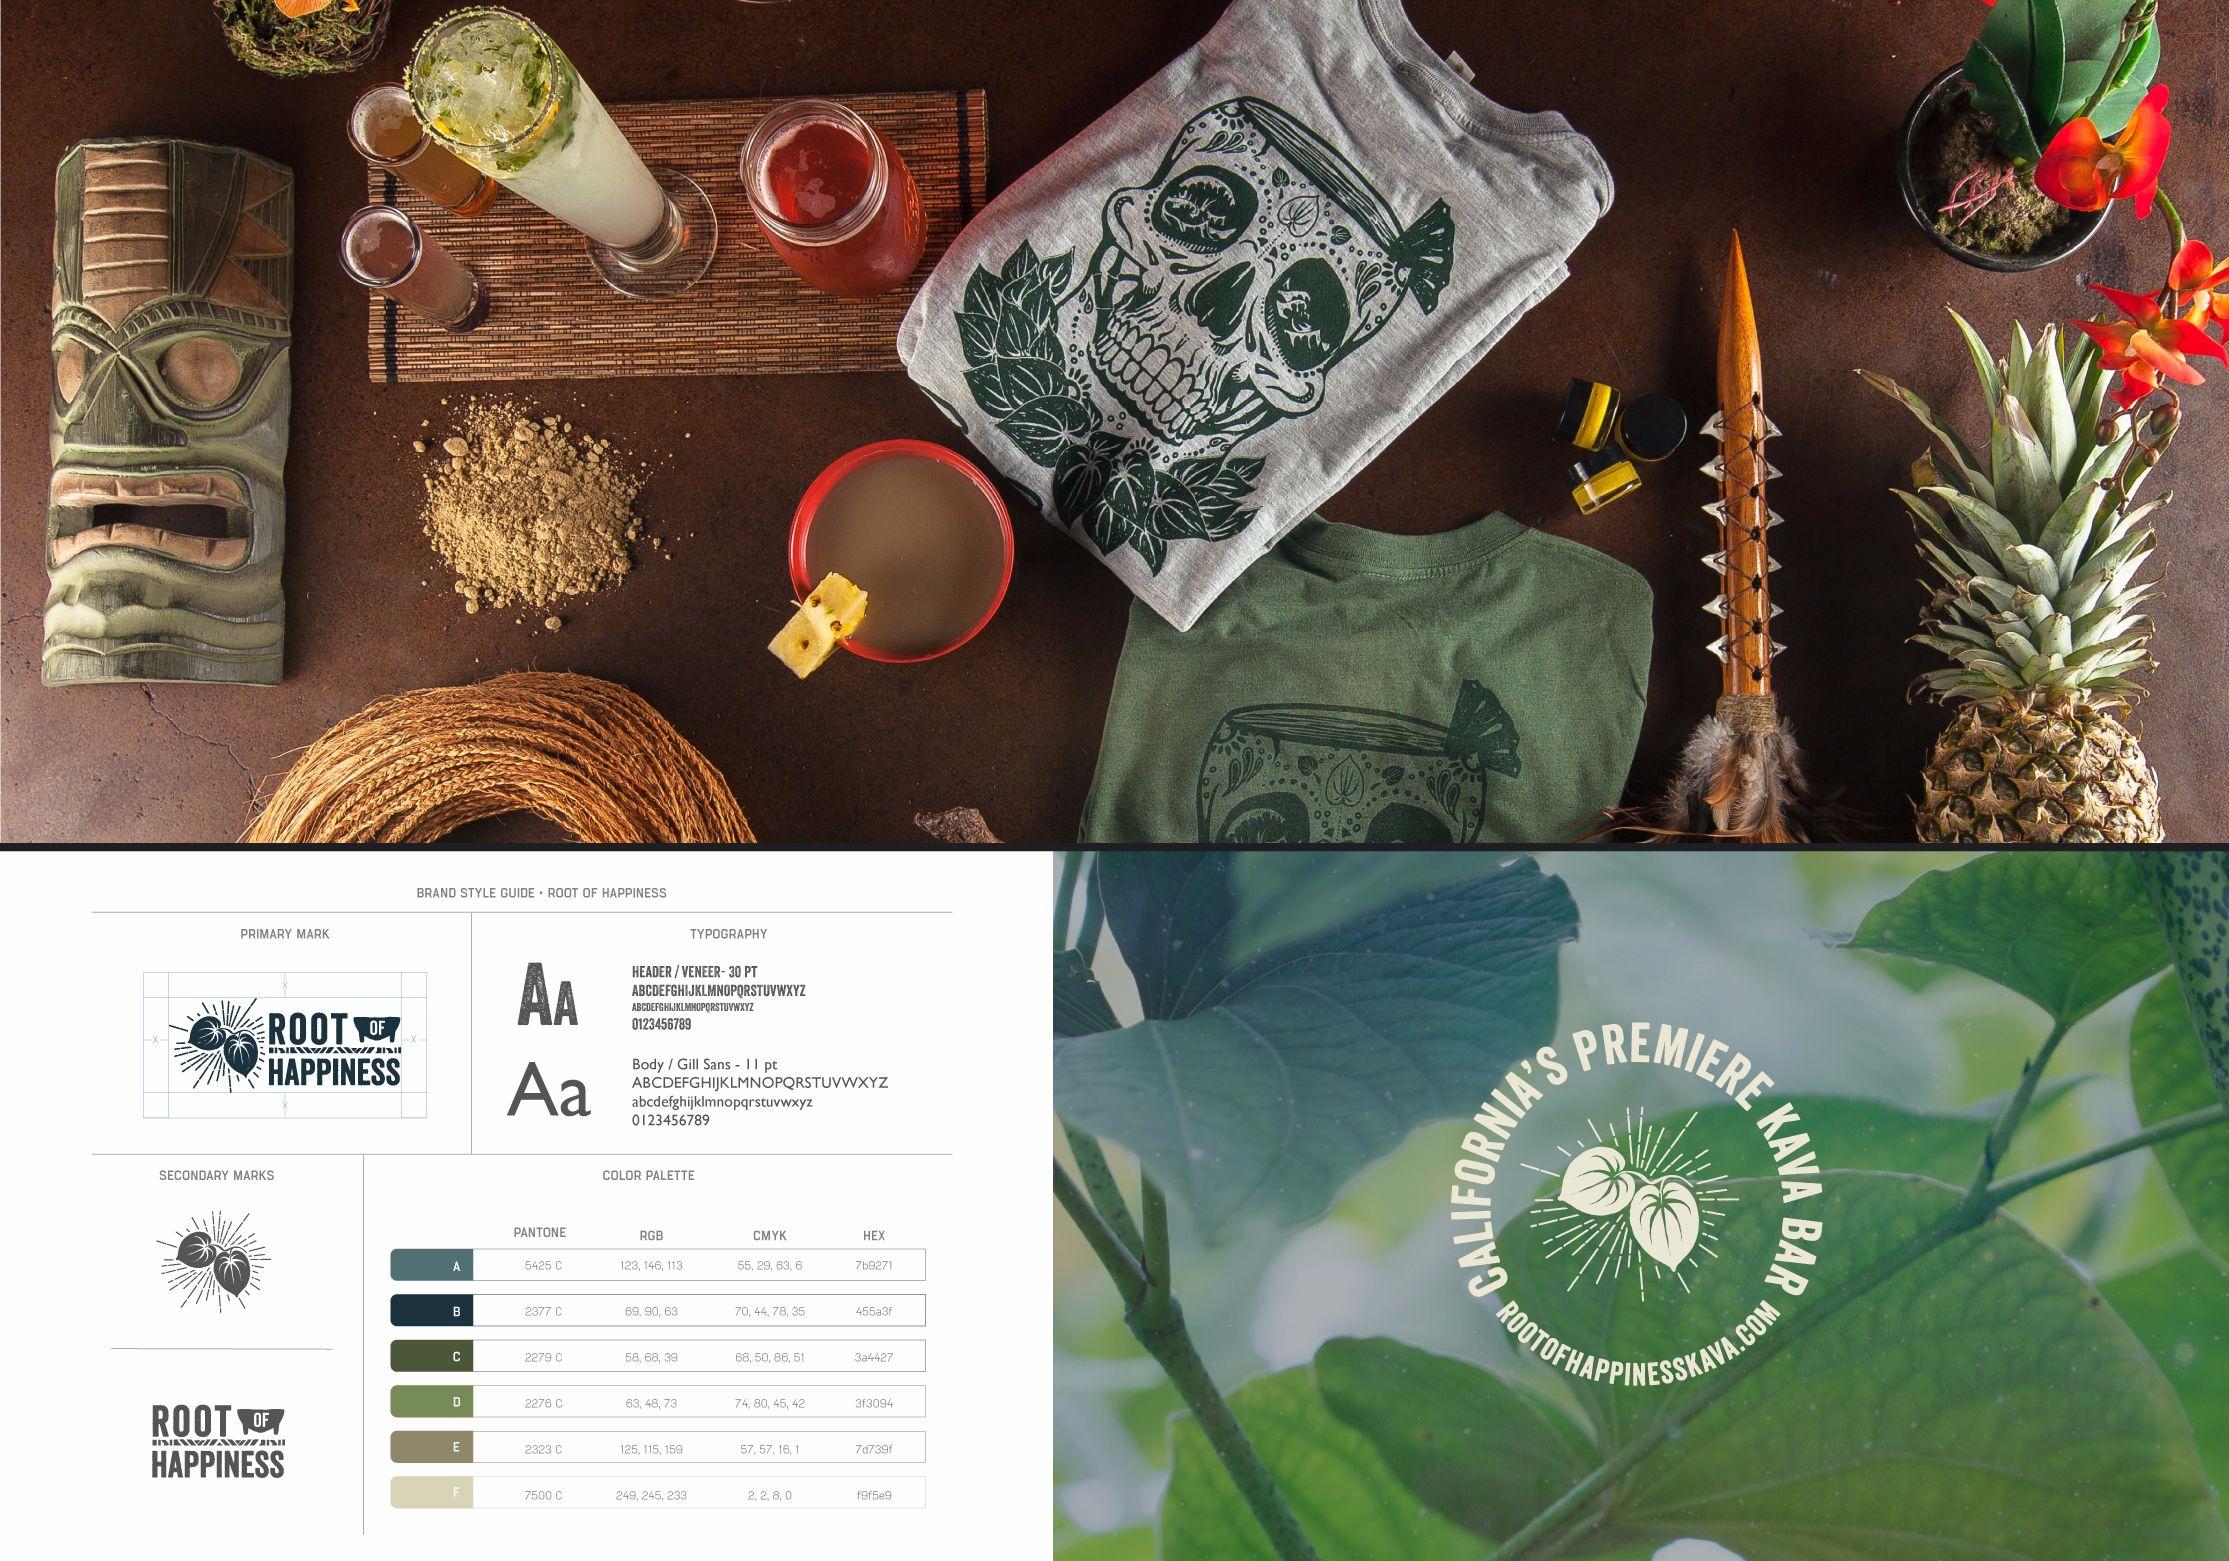 kava branding and logo design